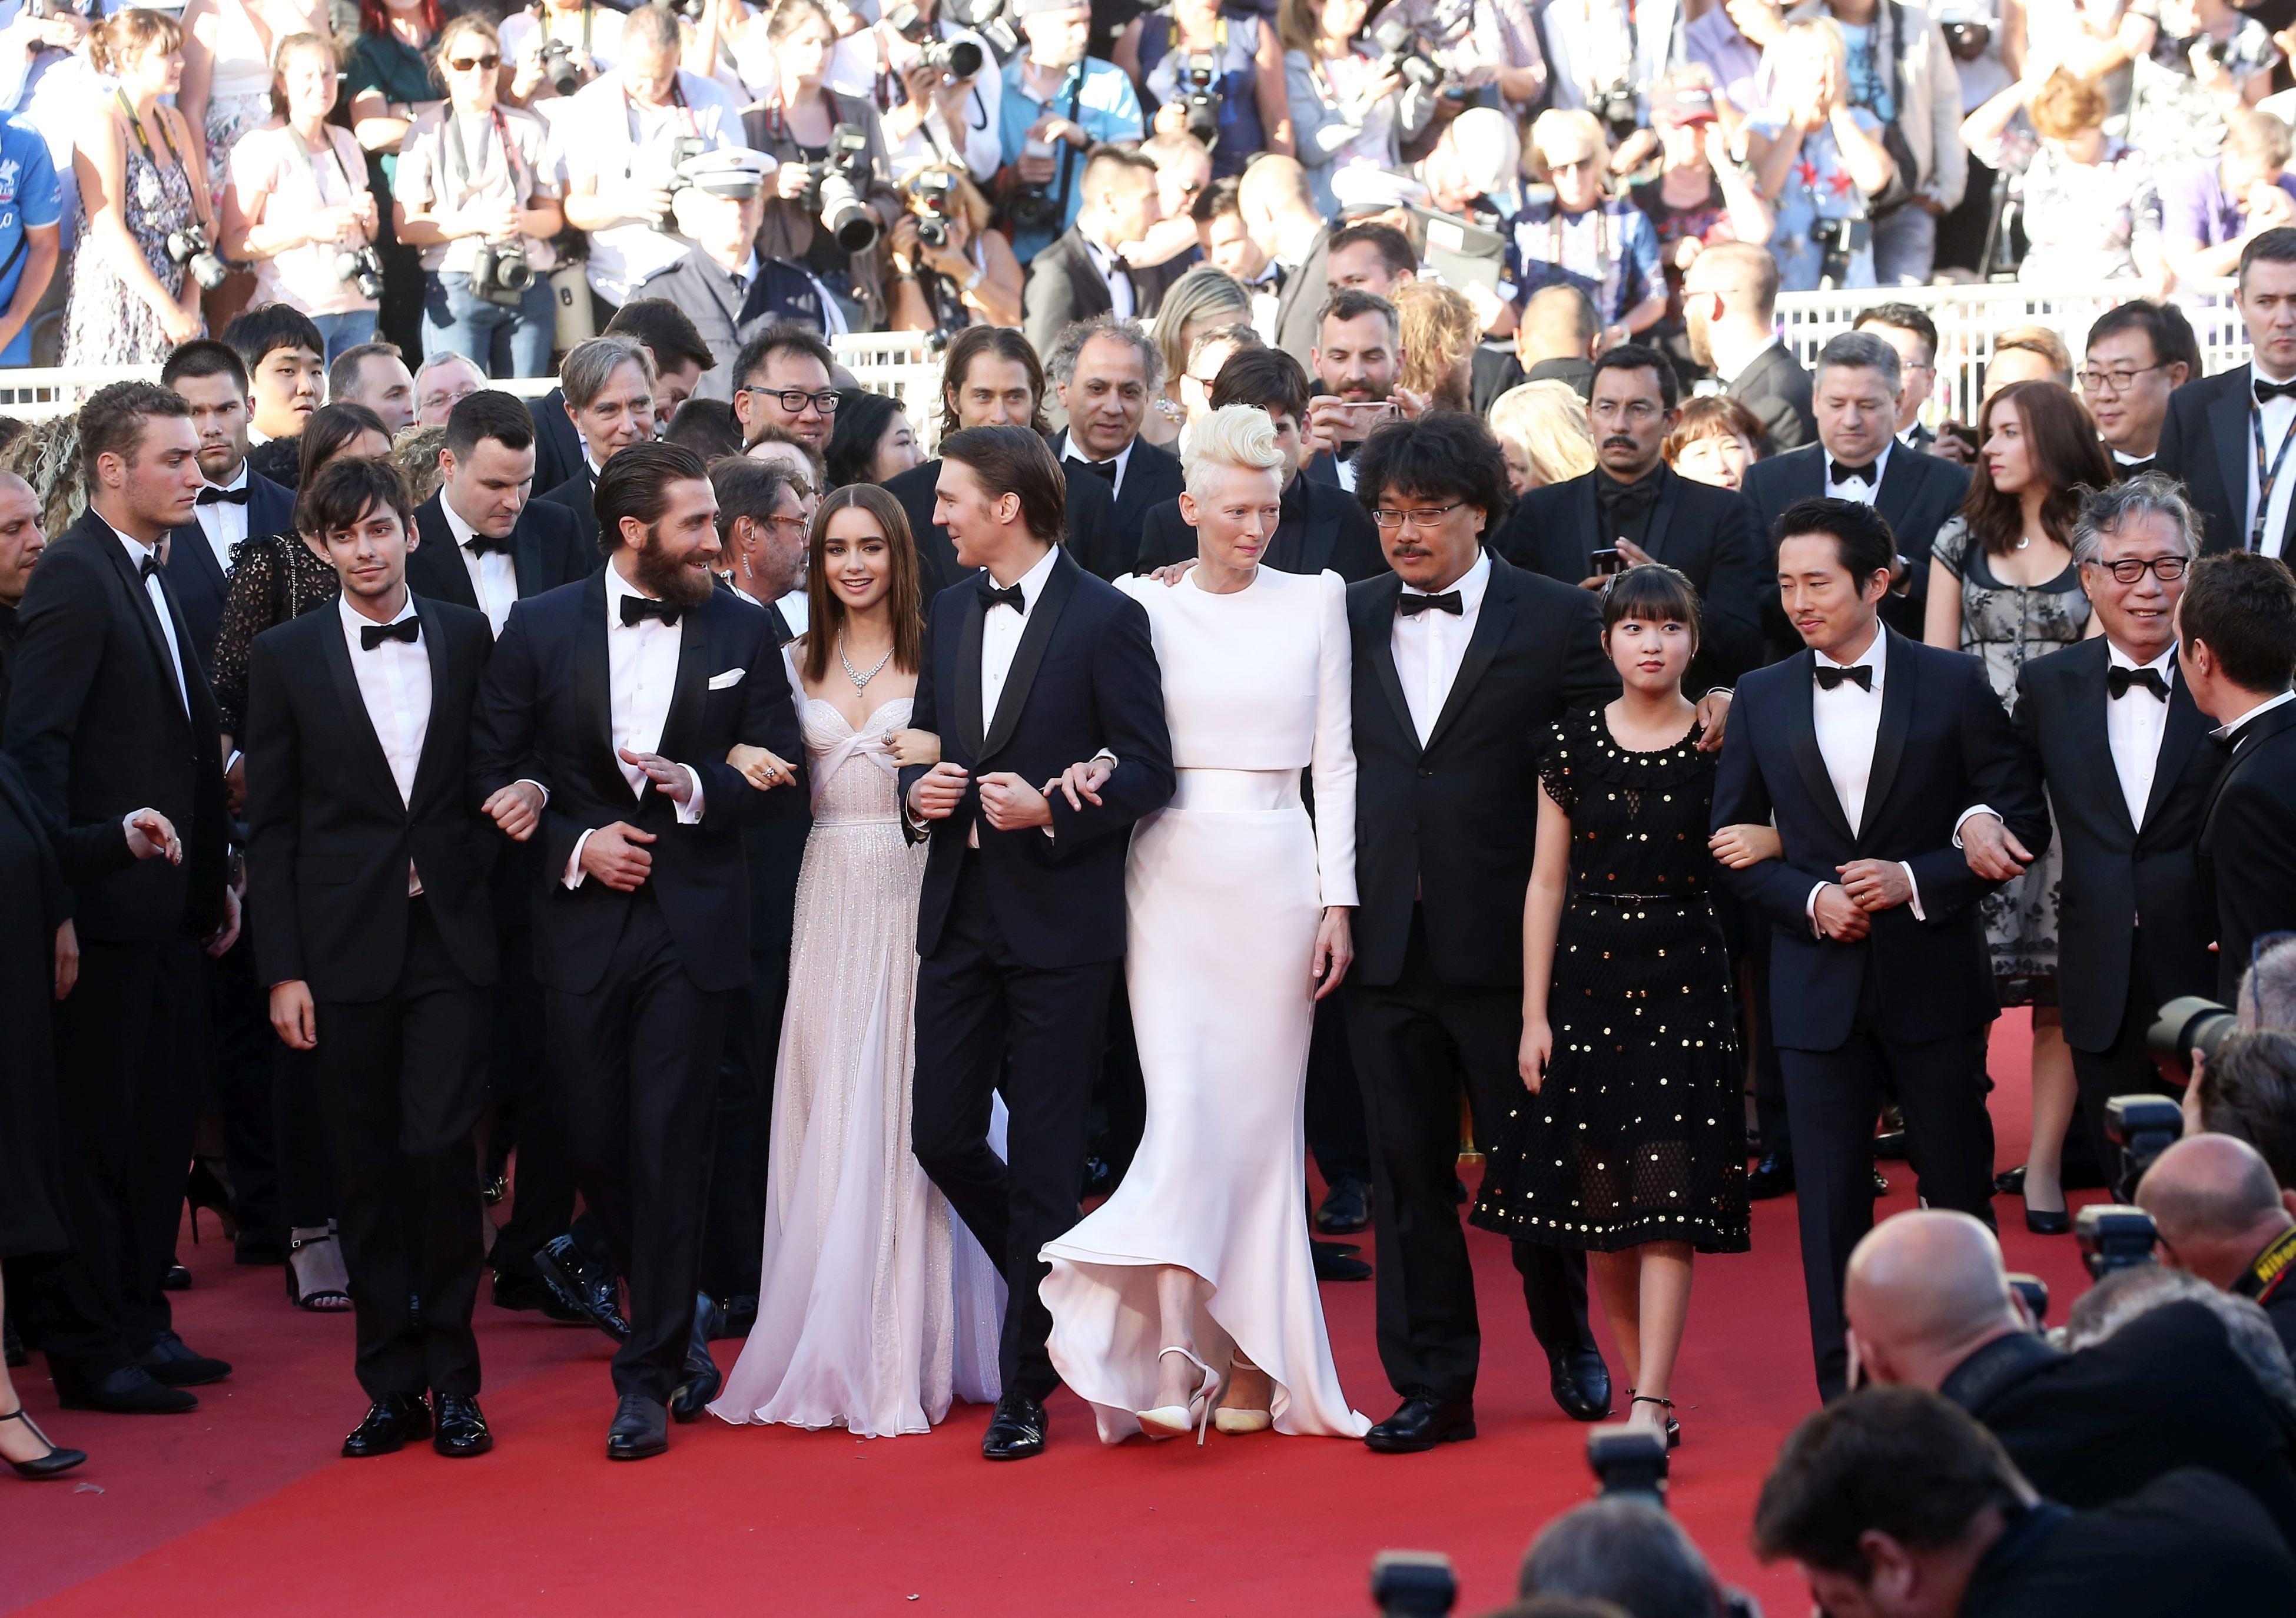 Rihanna, apariție spectaculoasă la Festivalul de Film de la Cannes. Ce vedete au mai strălucit pe covorul roșu